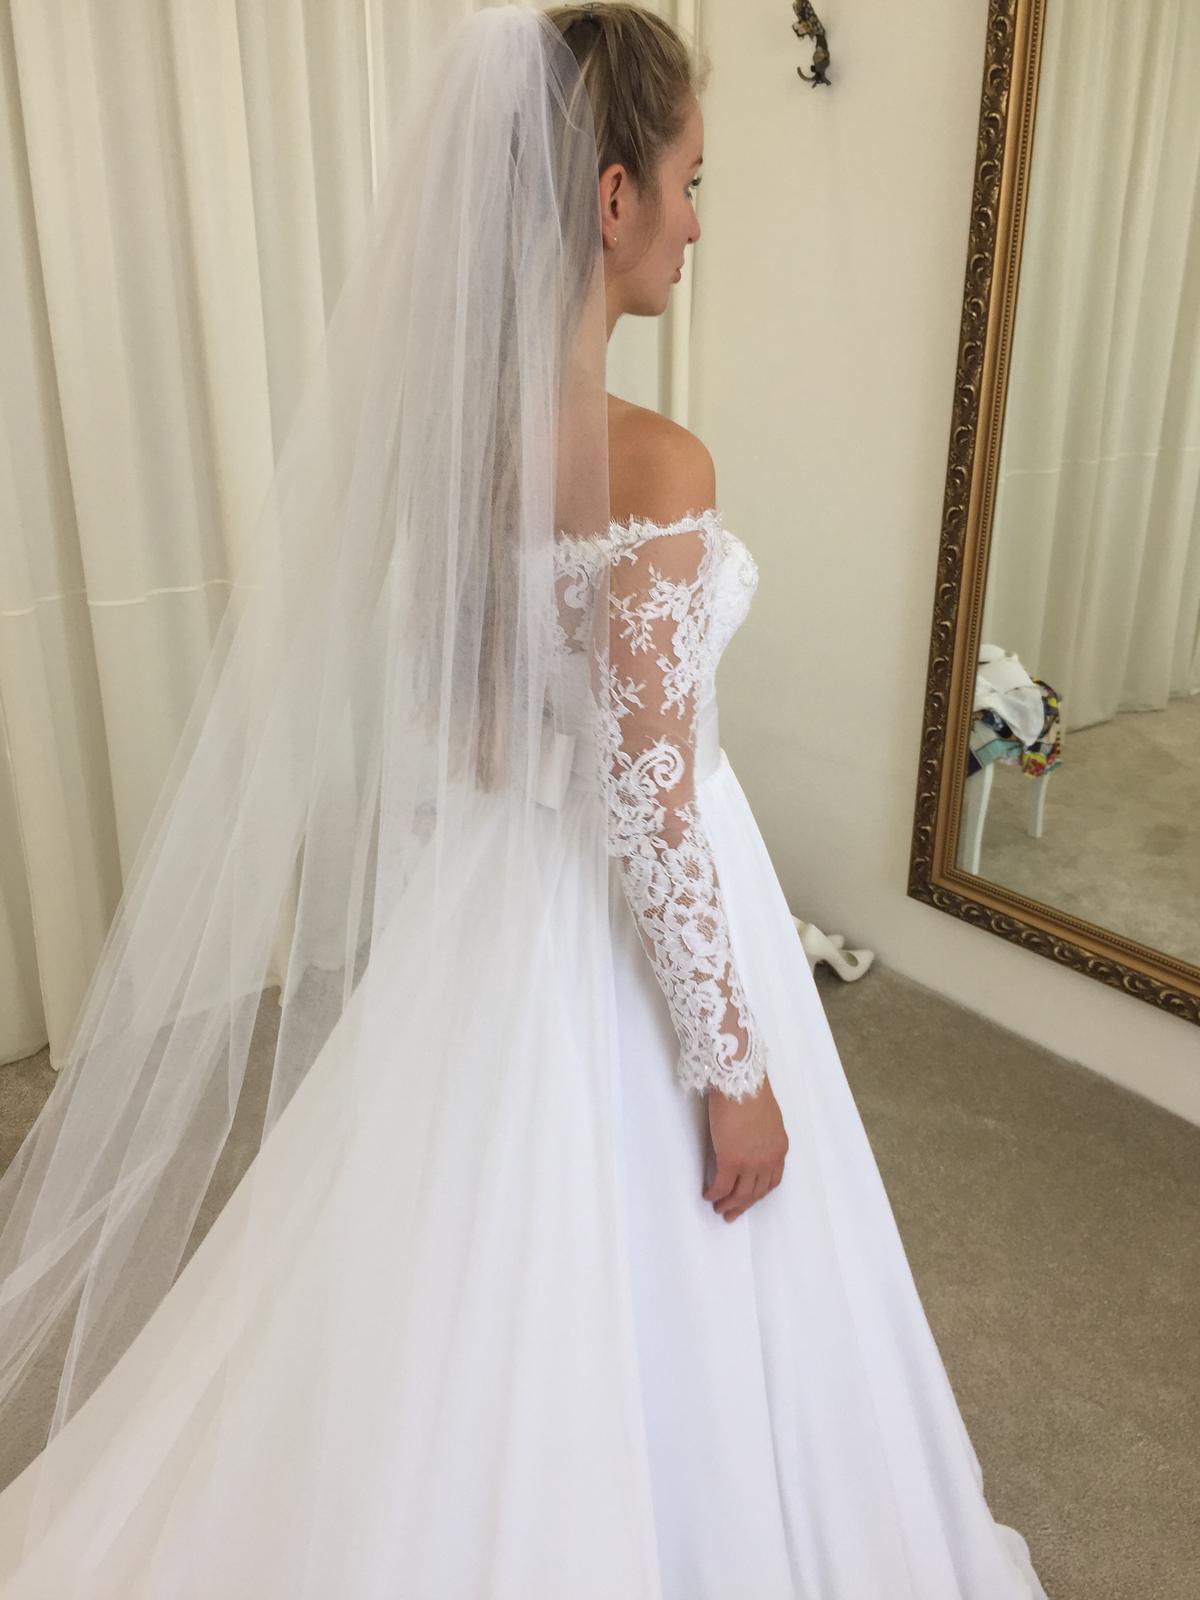 Svadobné šaty Irian Sam 34/36 - Obrázok č. 4